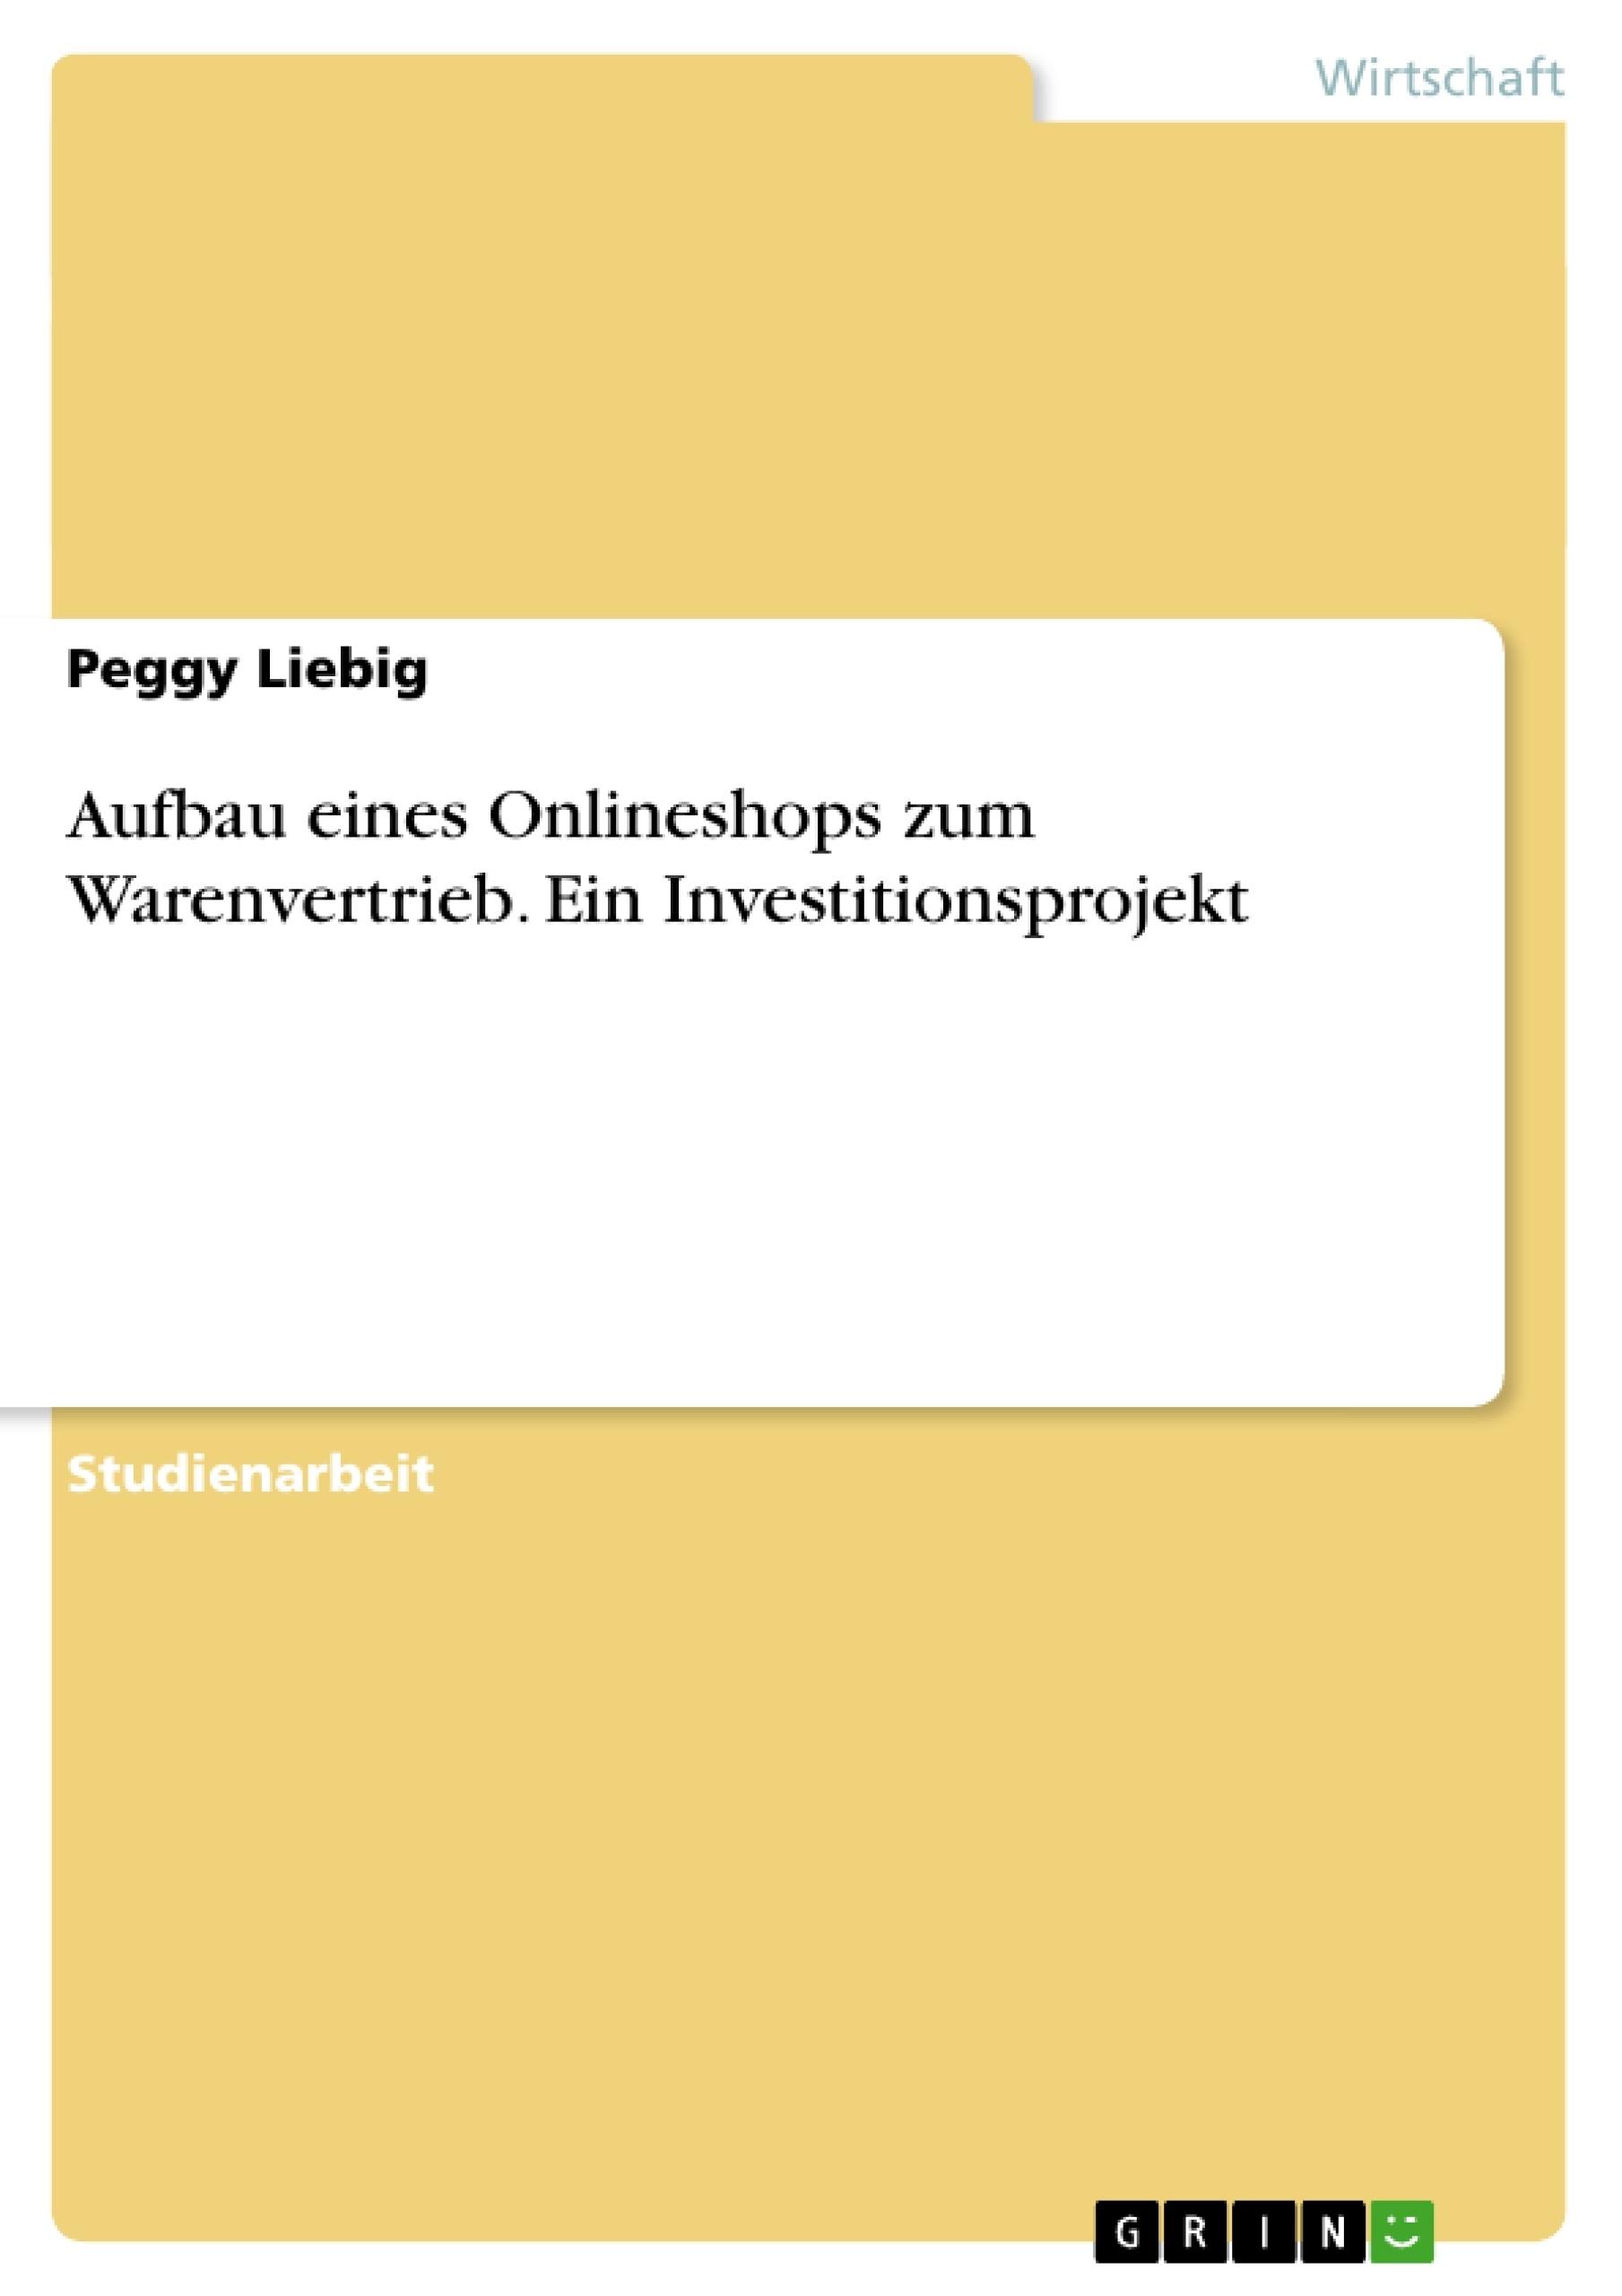 Titel: Aufbau eines Onlineshops zum Warenvertrieb. Ein Investitionsprojekt